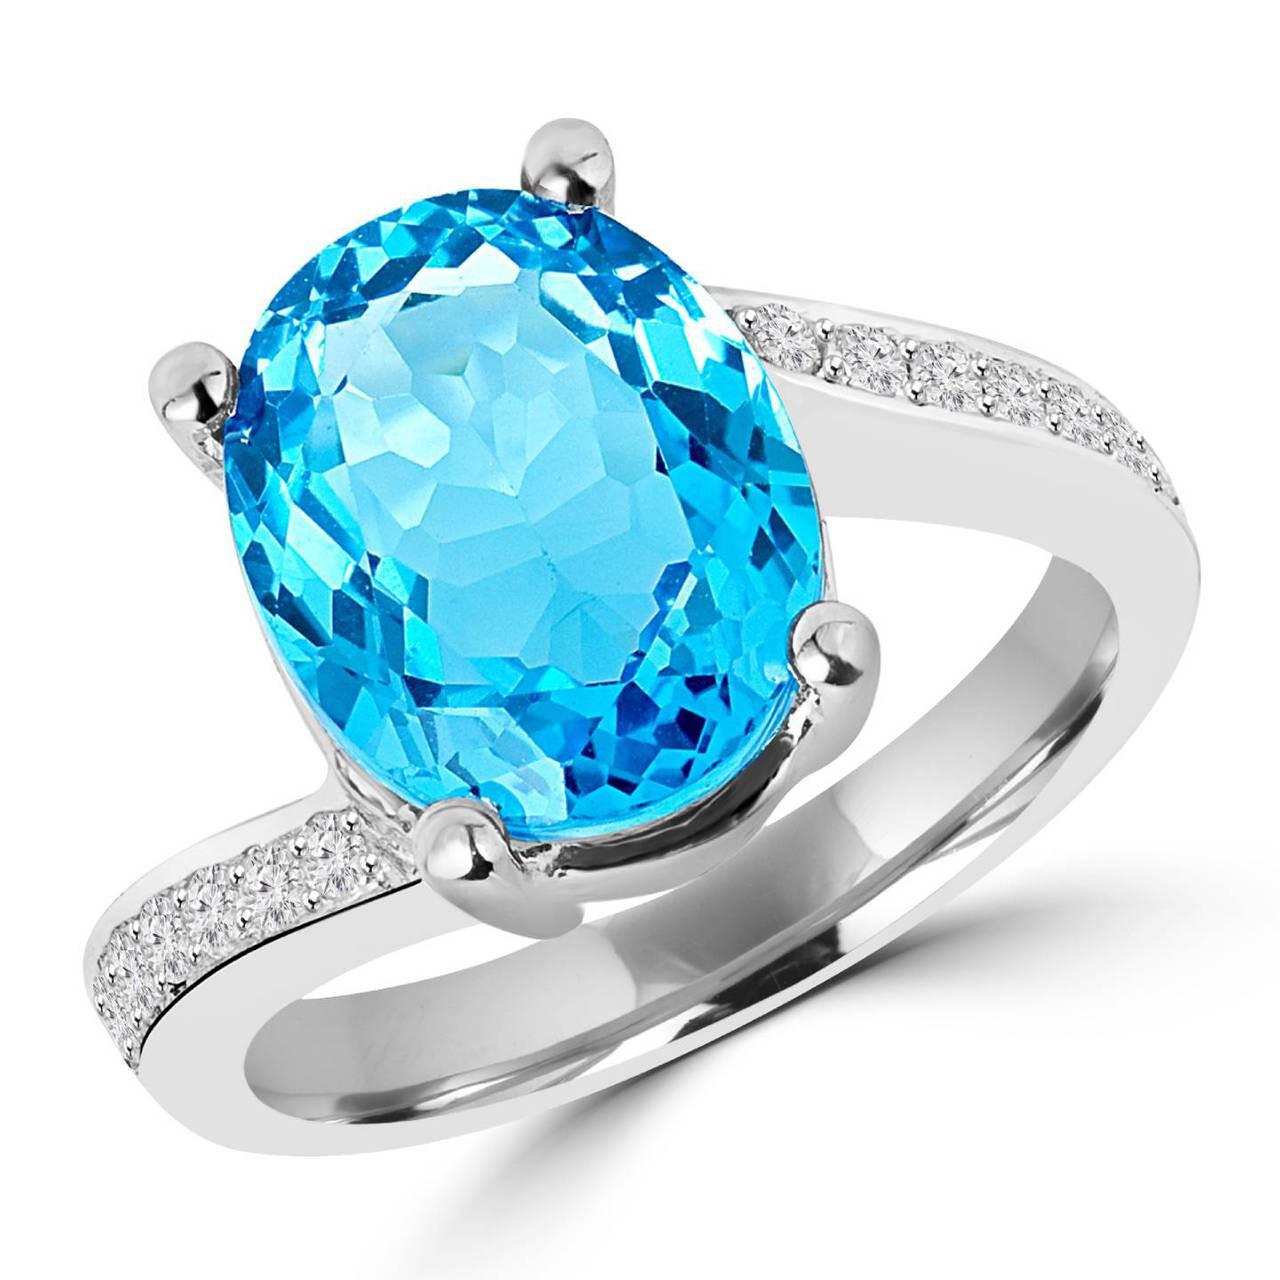 Blue Topaz Stone : Blue topaz cocktail ring bijoux majesty